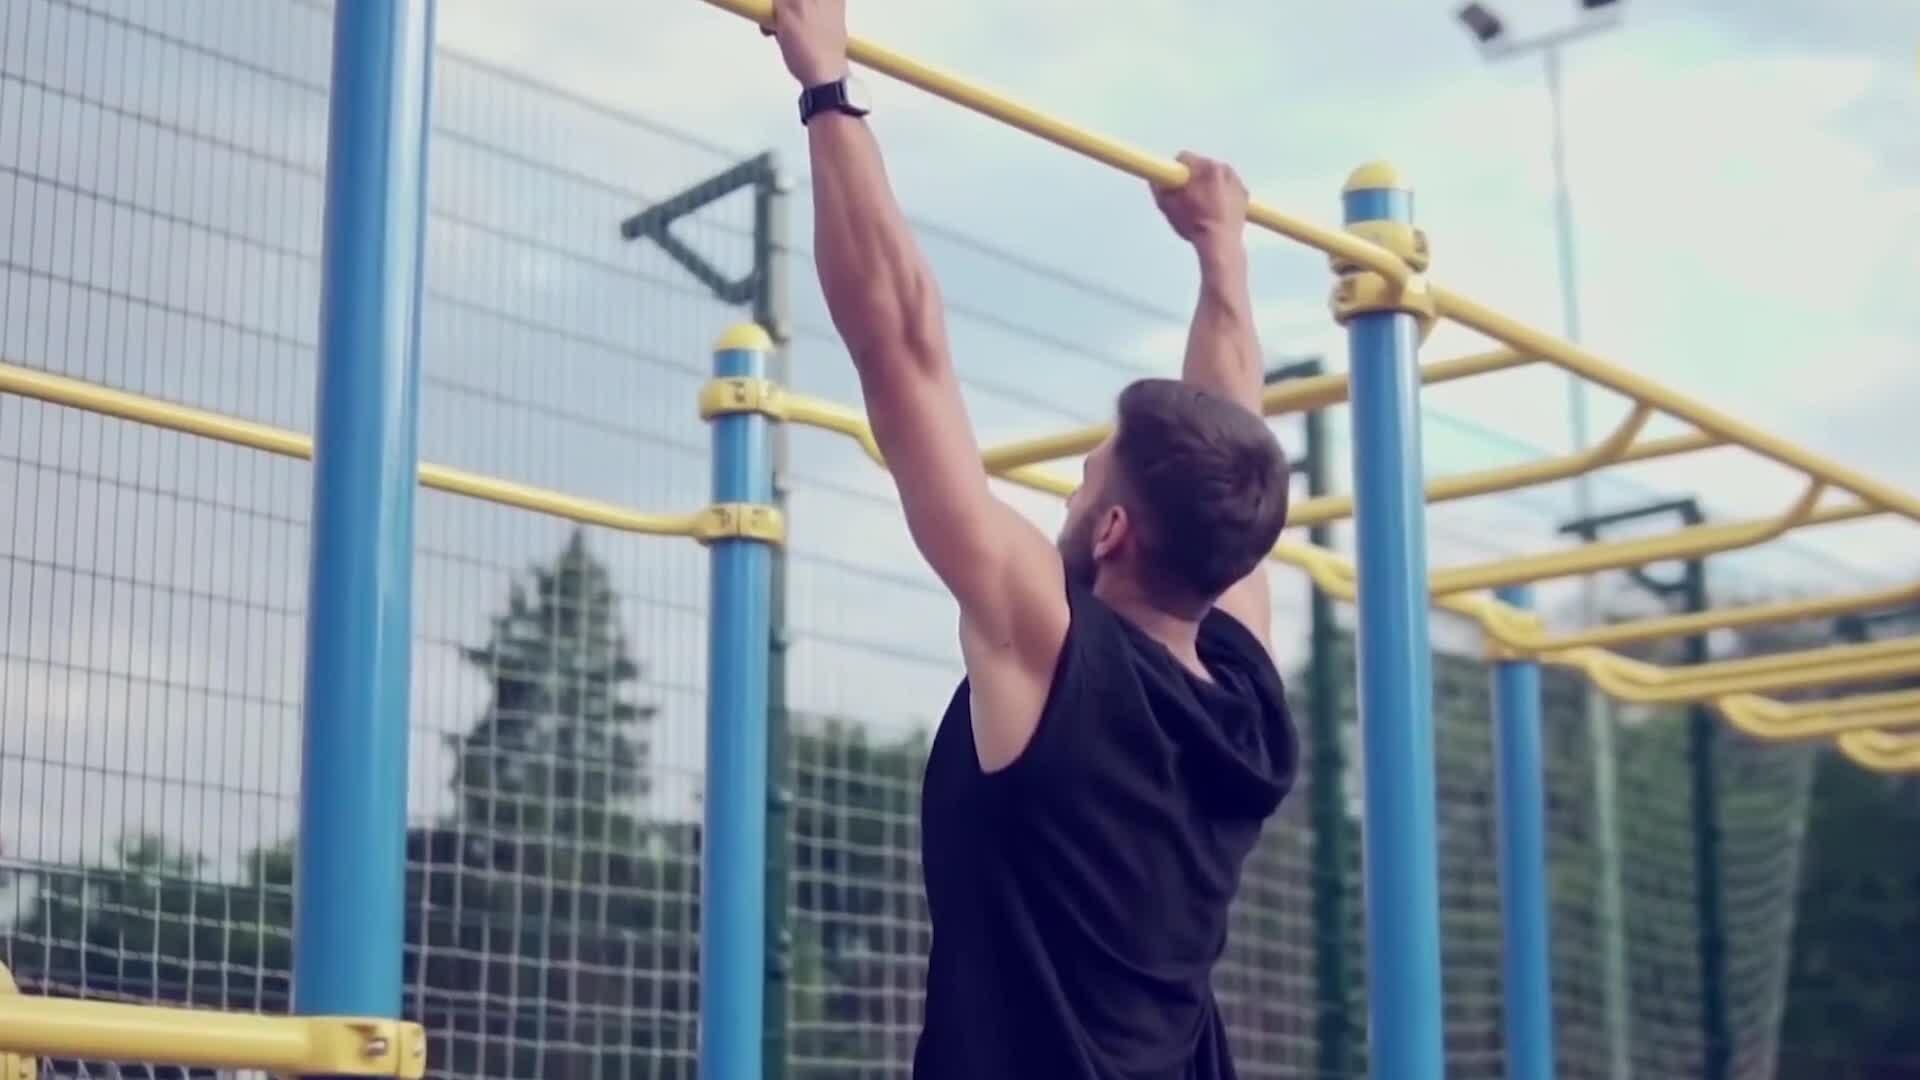 10 bài tập giúp phát triển chiều cao